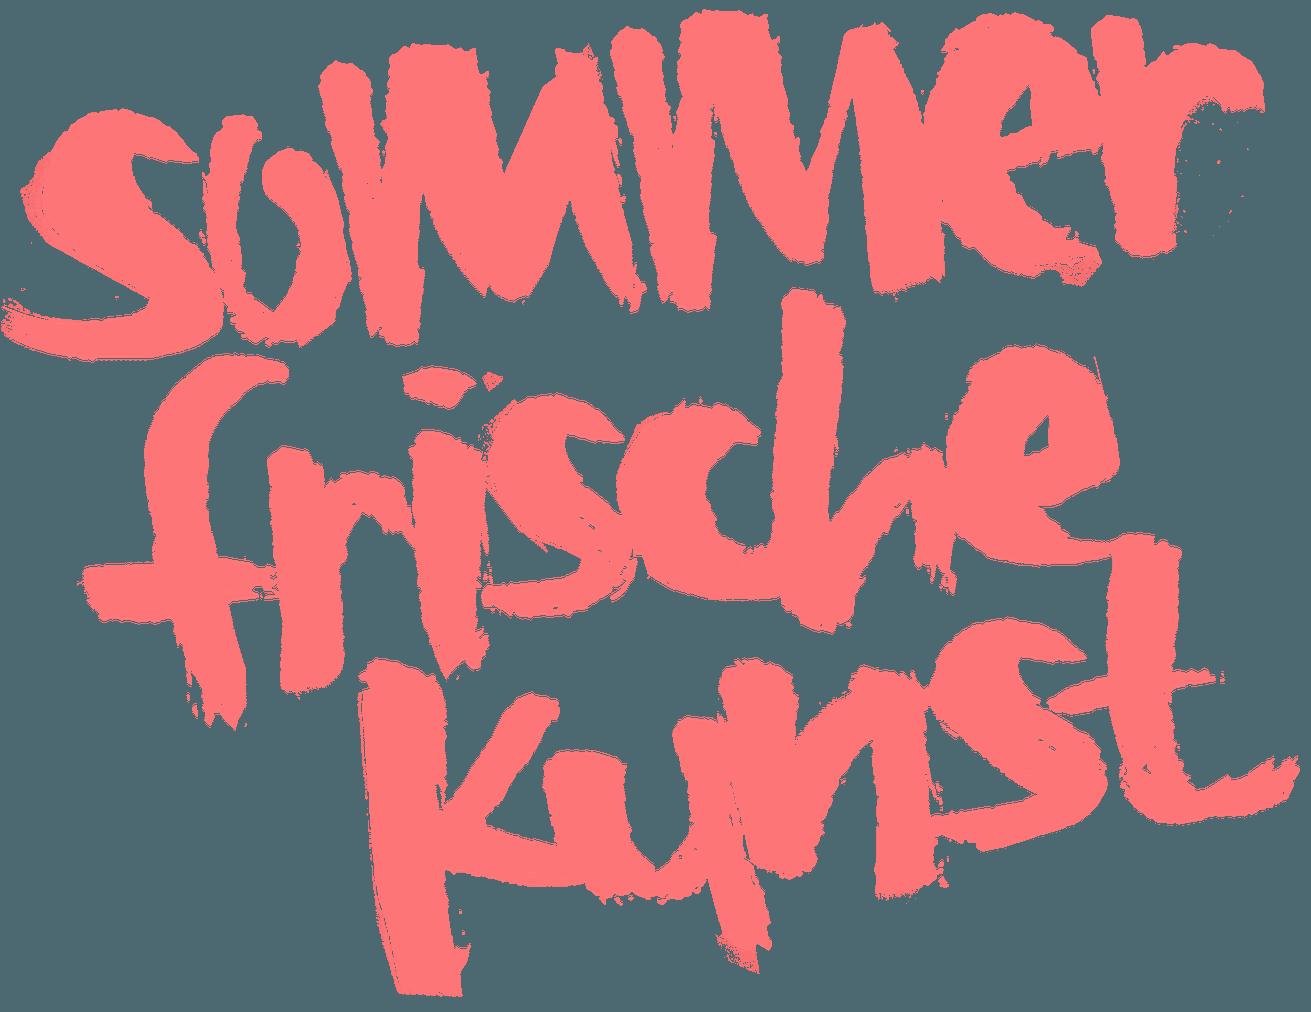 sommer frische kunst 2020 1